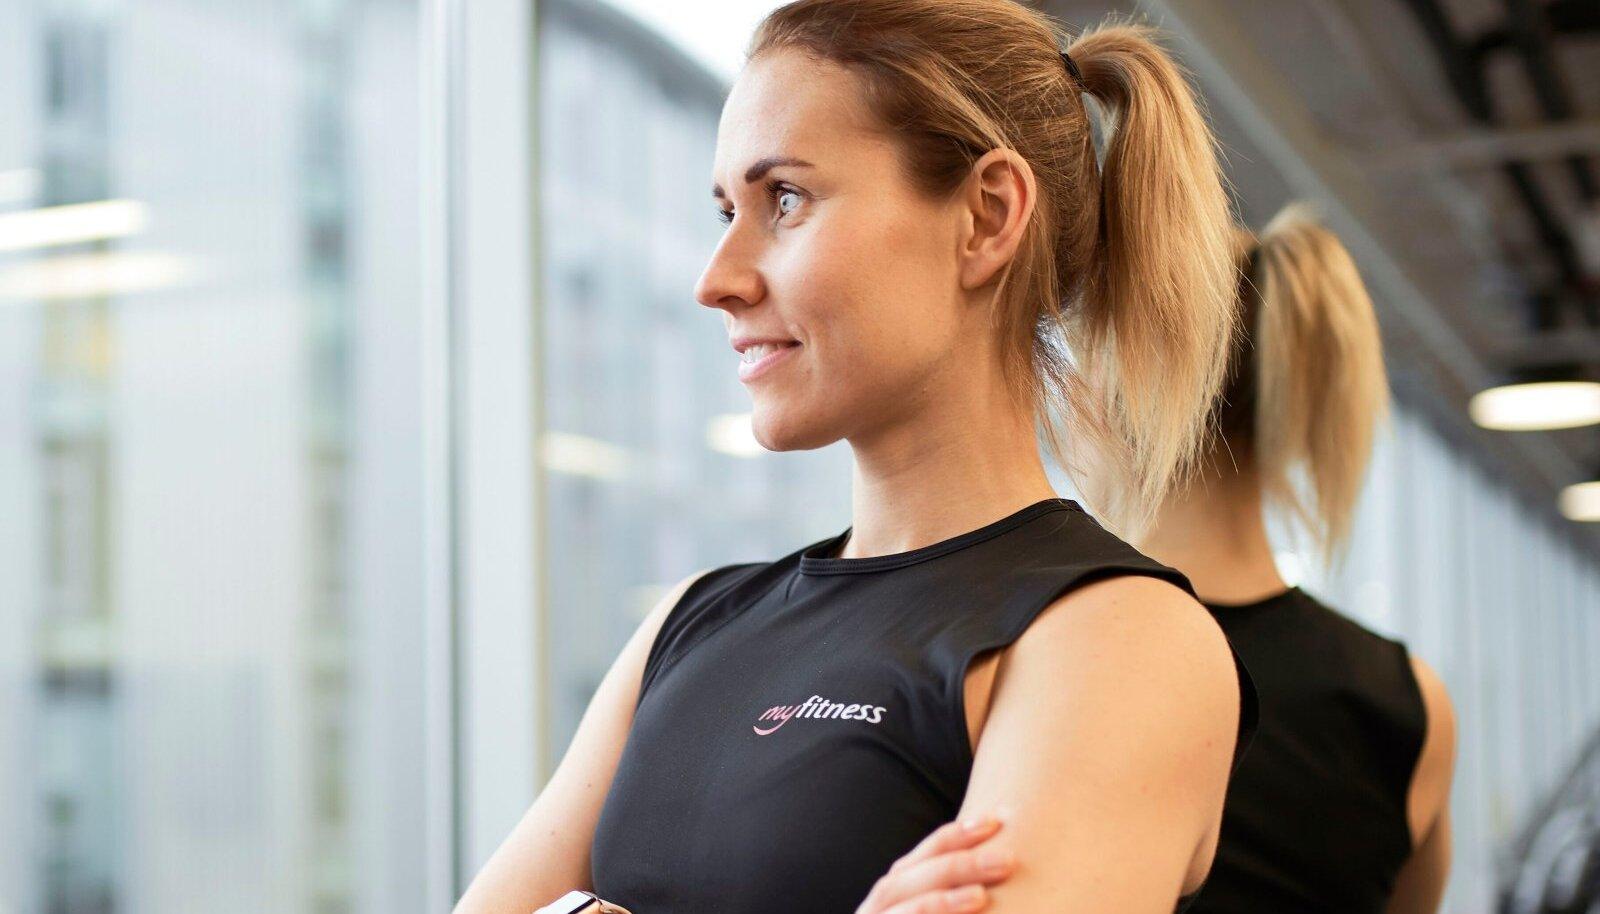 Treeneri ja nõustaja Melissa Männi sõnul saab toidukordi ajastades trennist suurema kasu.